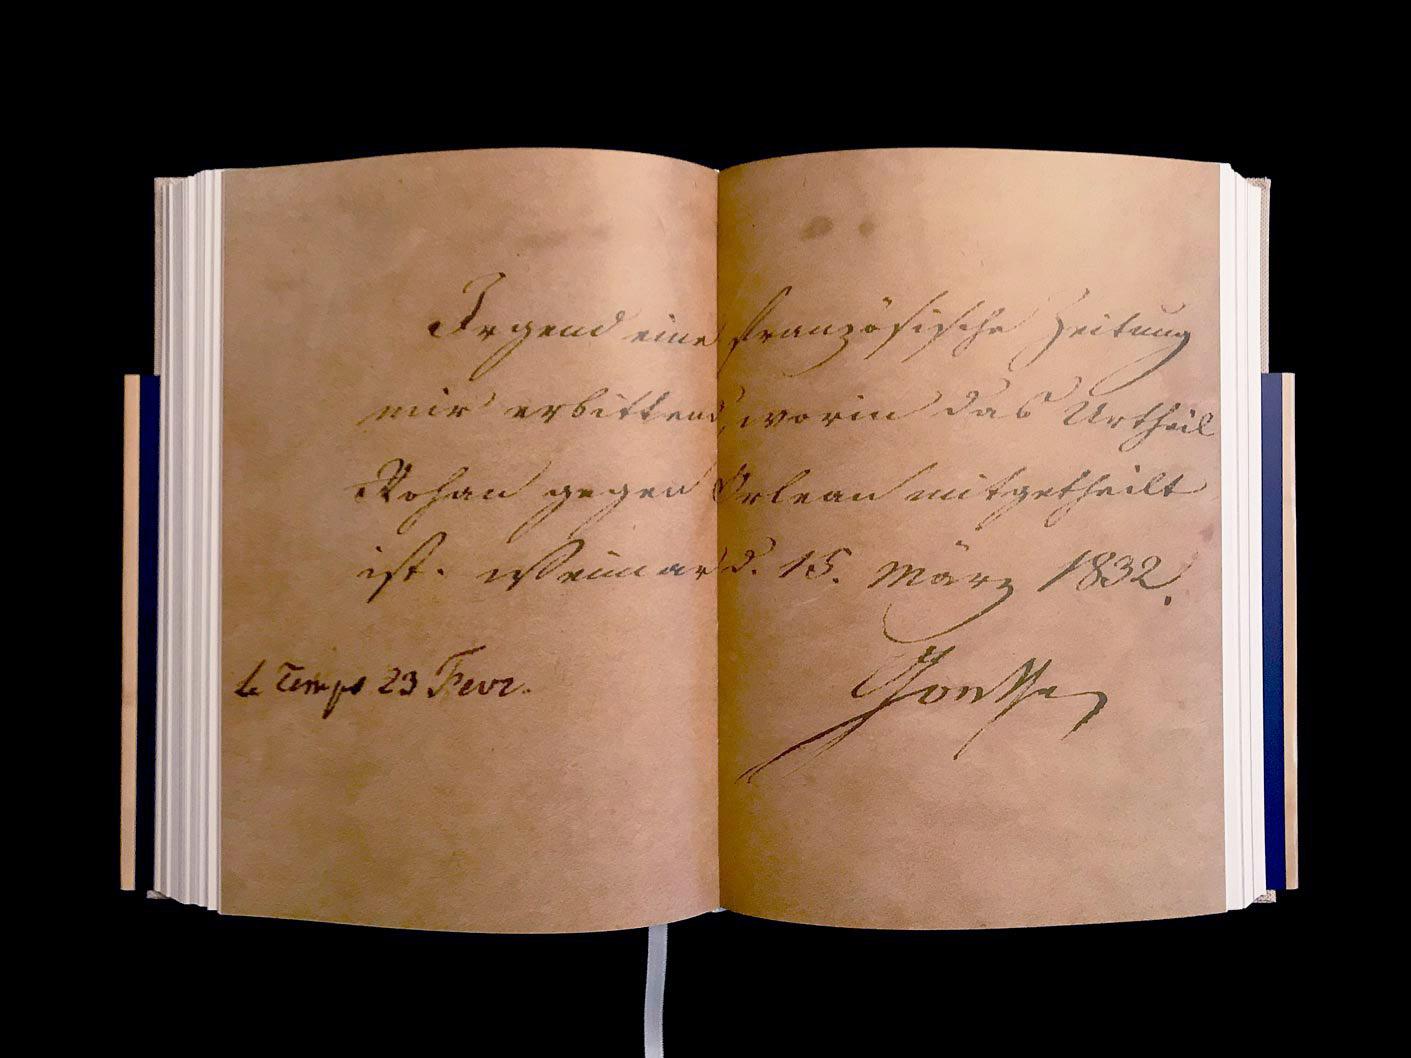 Johann Wolfgang von Goethe, lettre signée, Weimar, 15 mars 1832, contrecollée sur une feuille d'album de la collection d'Emil Ludwig. L'un des derniers messages écrits de Goethe avant son décès, à l'âge de 82 ans. © Passéisme.